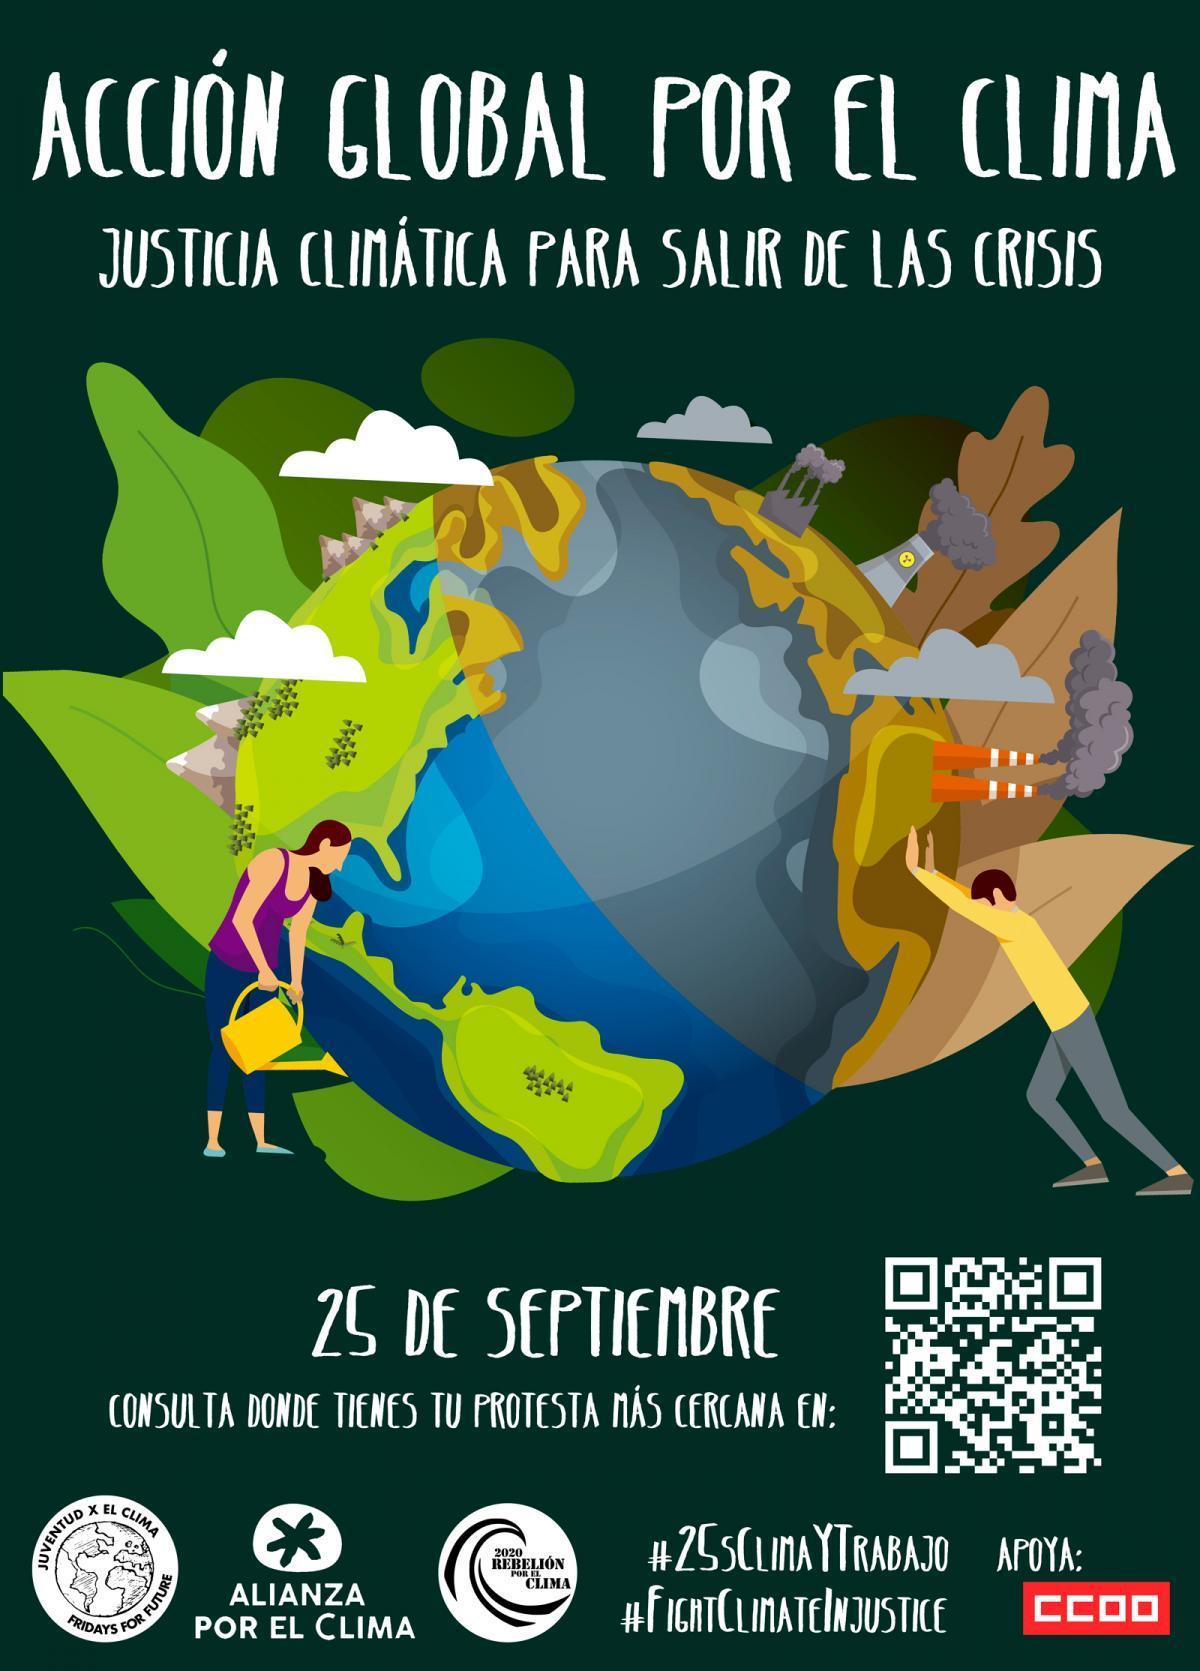 Acción Global por el Clima.